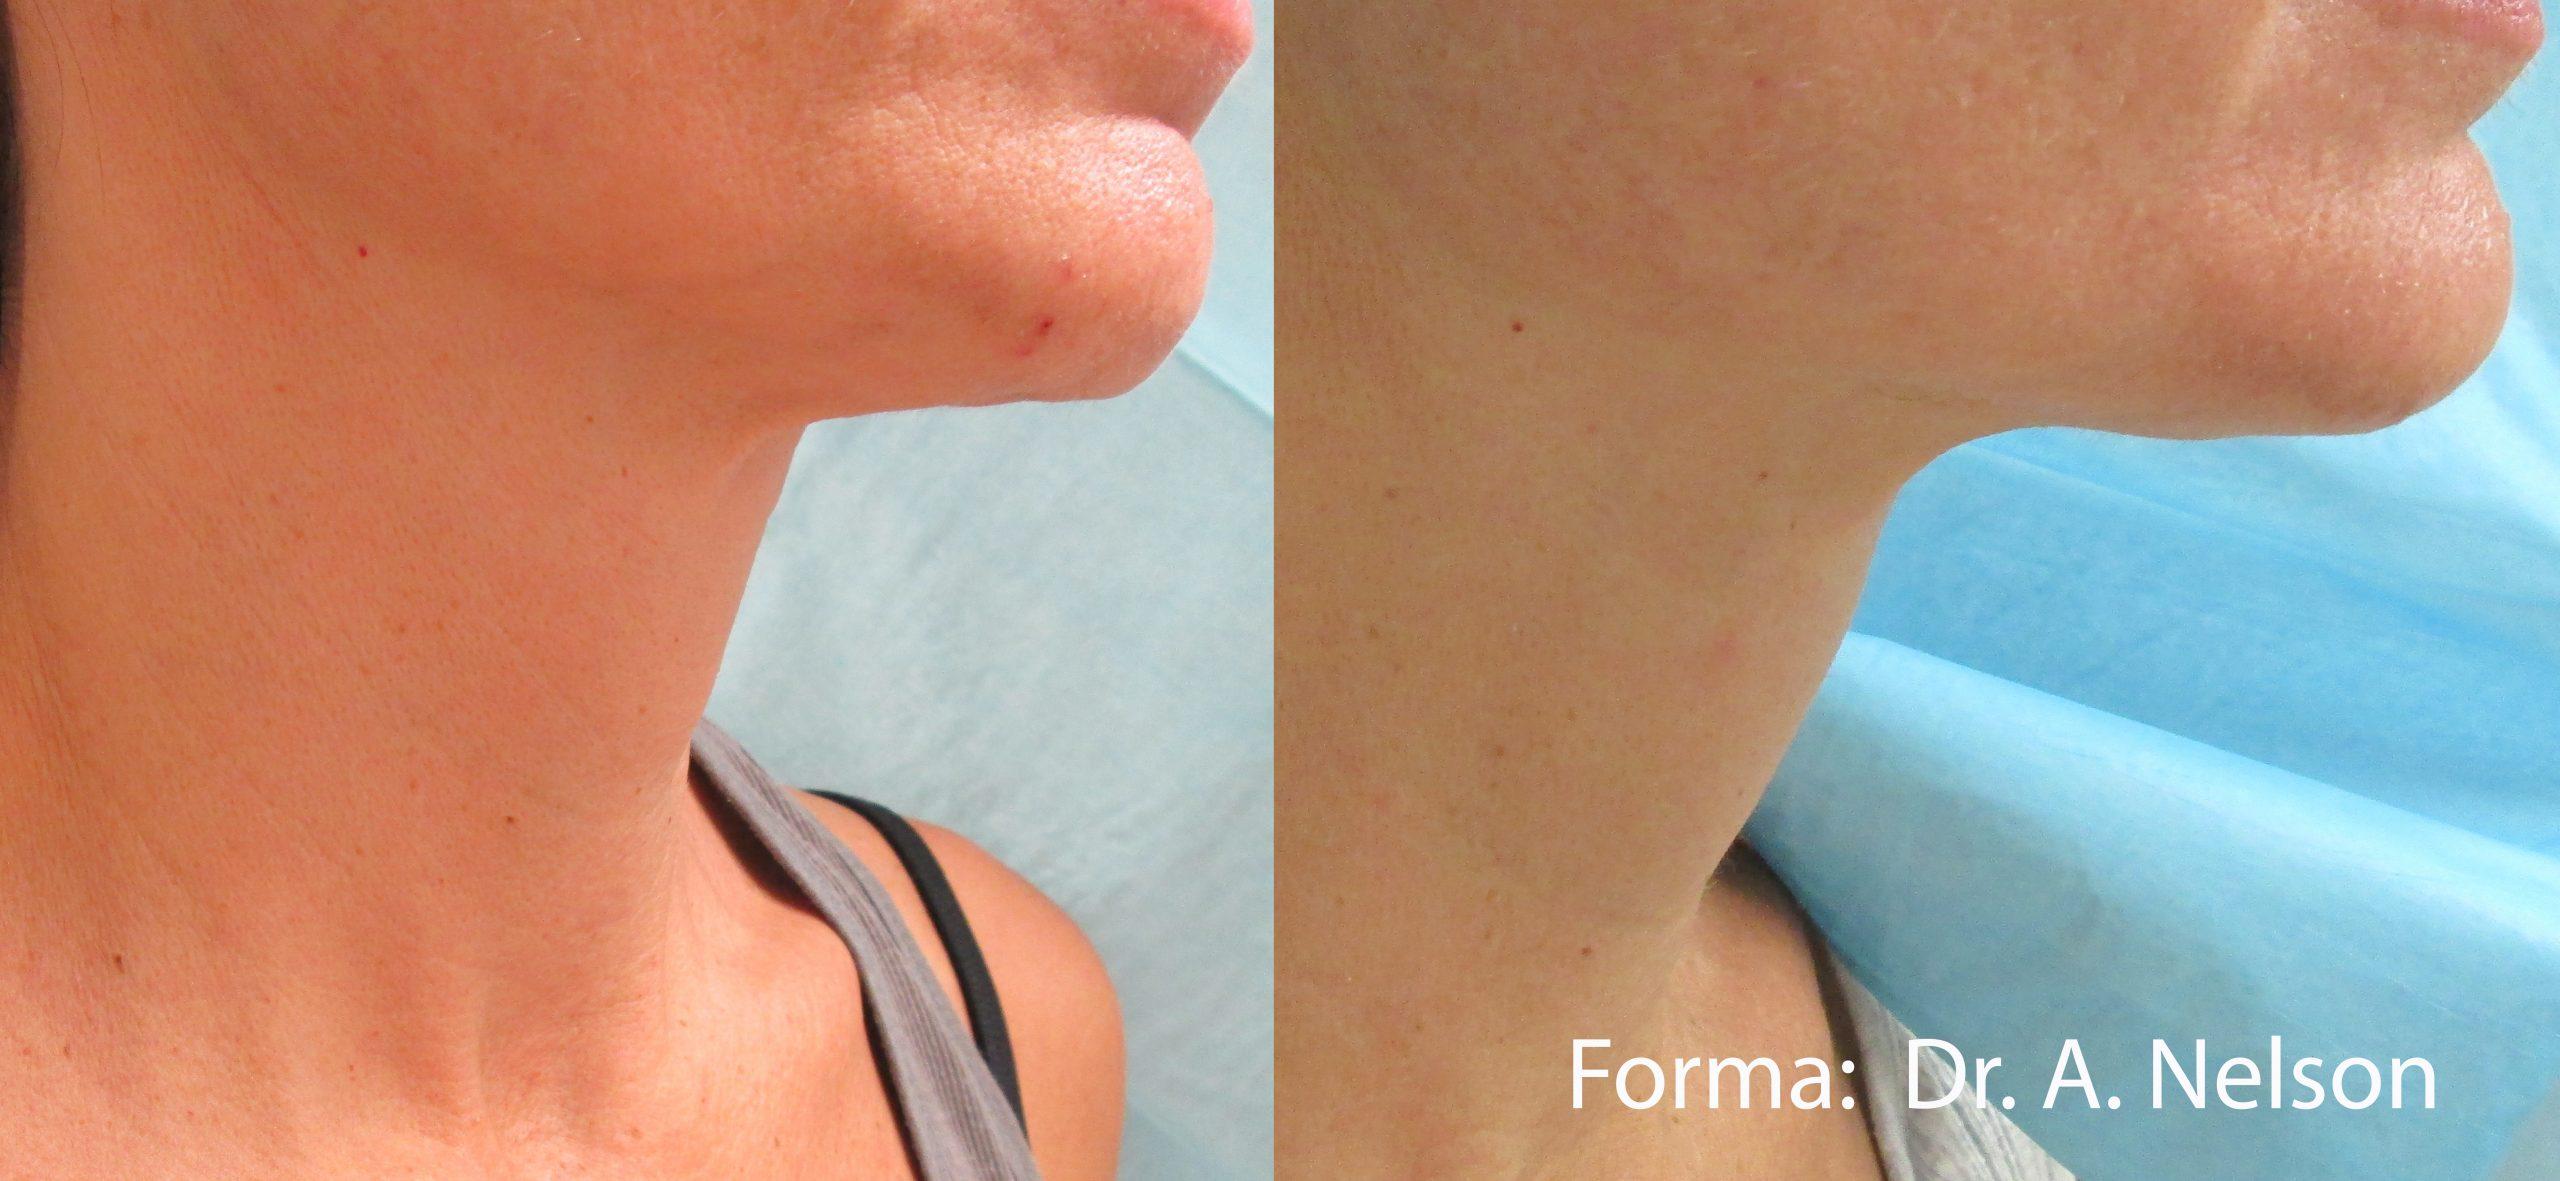 Forma: Skin Tightening Face Lift 12